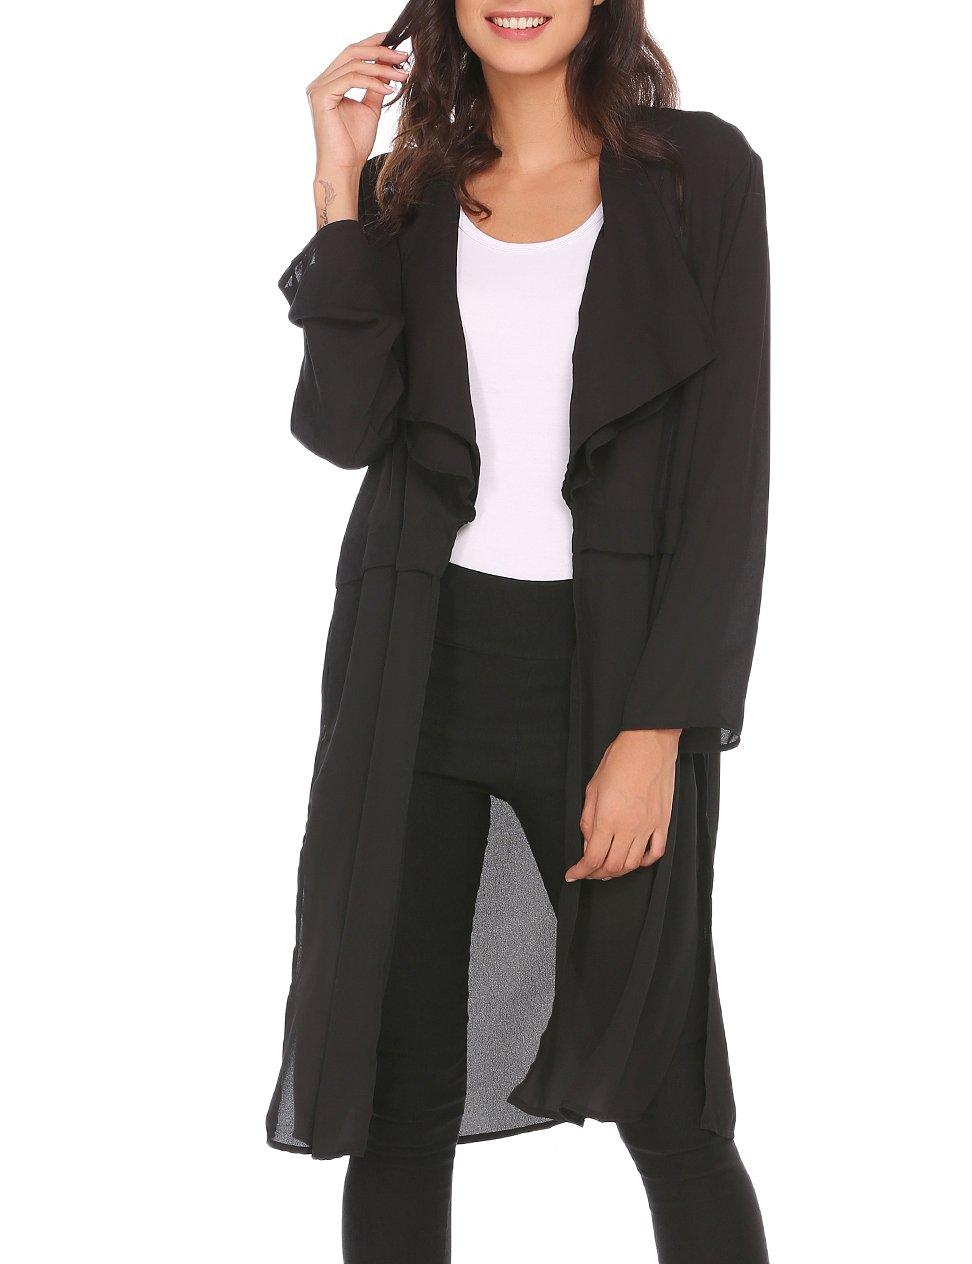 SE MIU Women Chiffon Long Cardigan Beach Cover Up Loose Tops Outwear